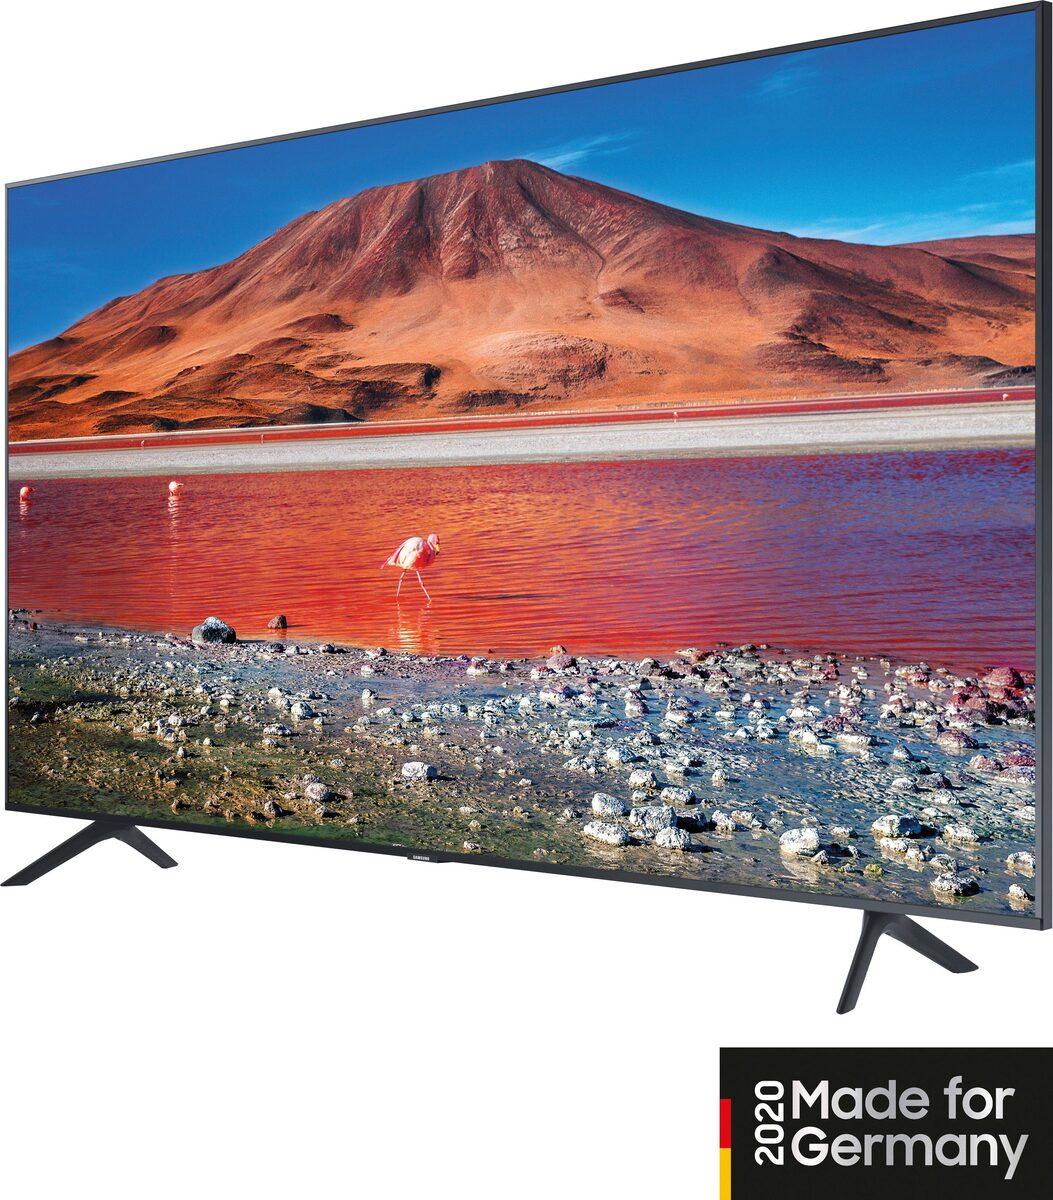 Bild 4 von Samsung GU55TU7199U LED-Fernseher (138 cm/55 Zoll, 4K Ultra HD, Smart-TV, Crystal UHD)